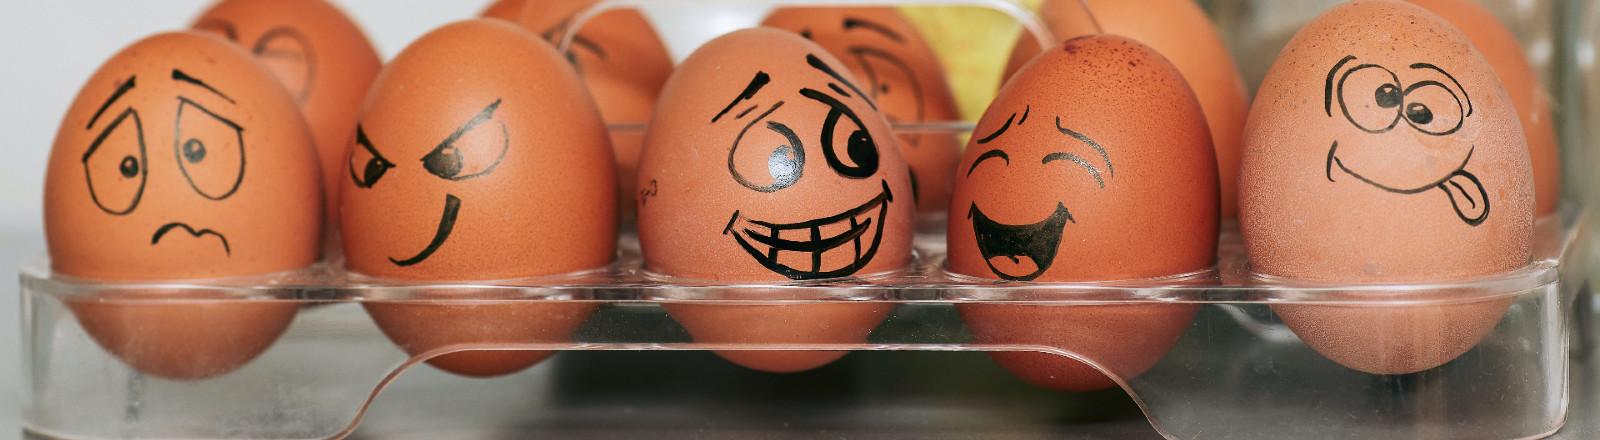 Eier mit aufgemalten Gesichtern